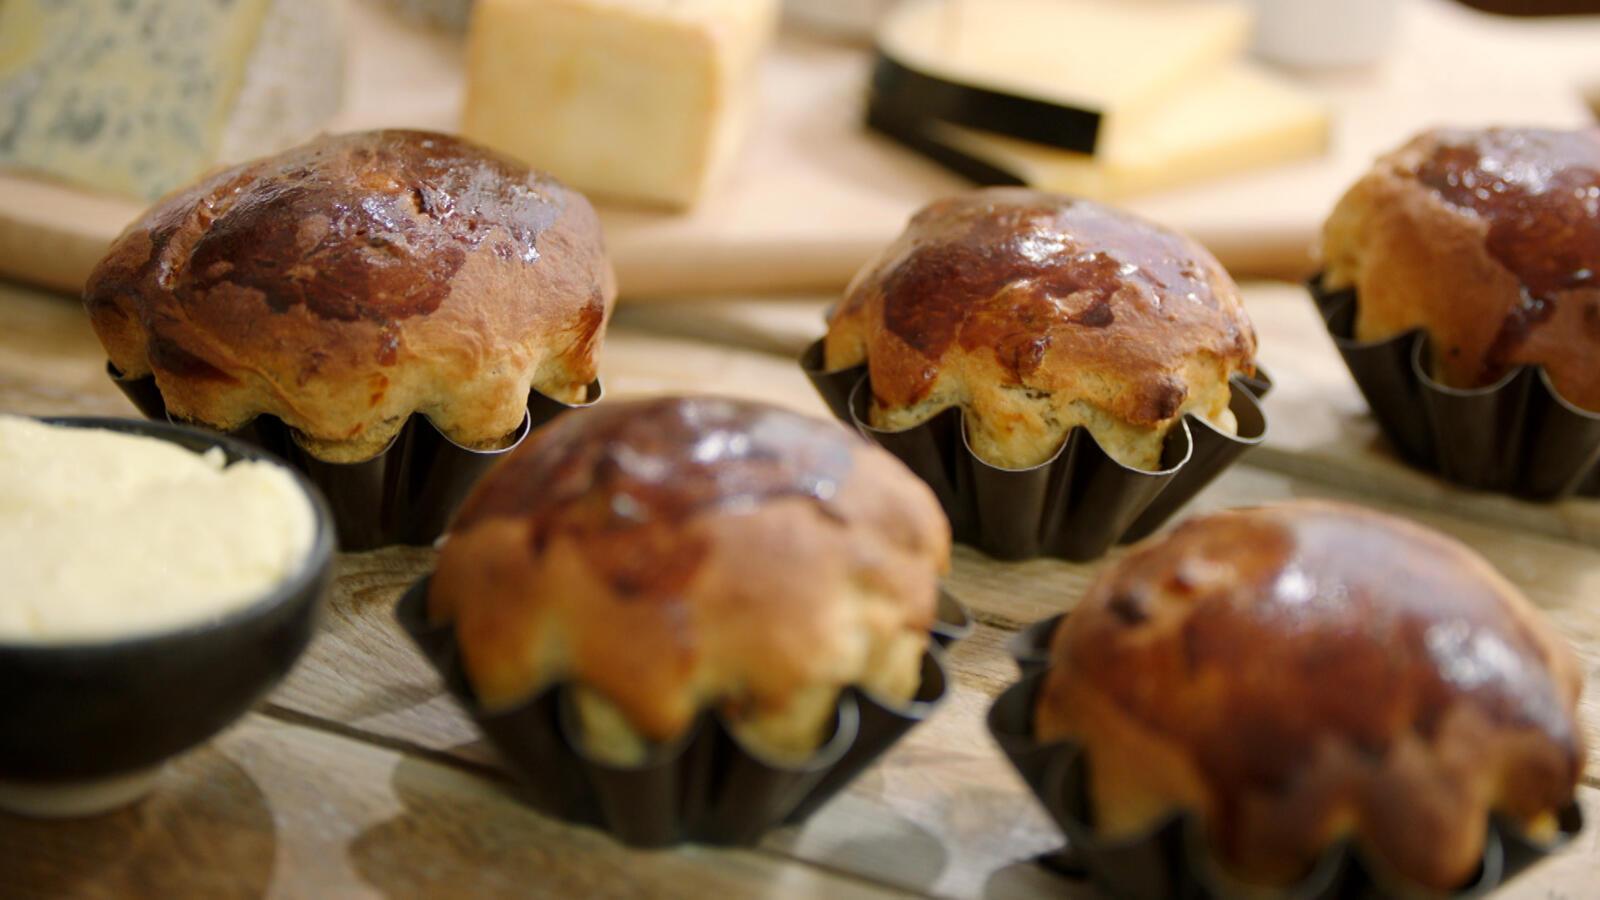 Kaasplankje met Belgische kazen, verse boter en brioche met gedroogde vruchten